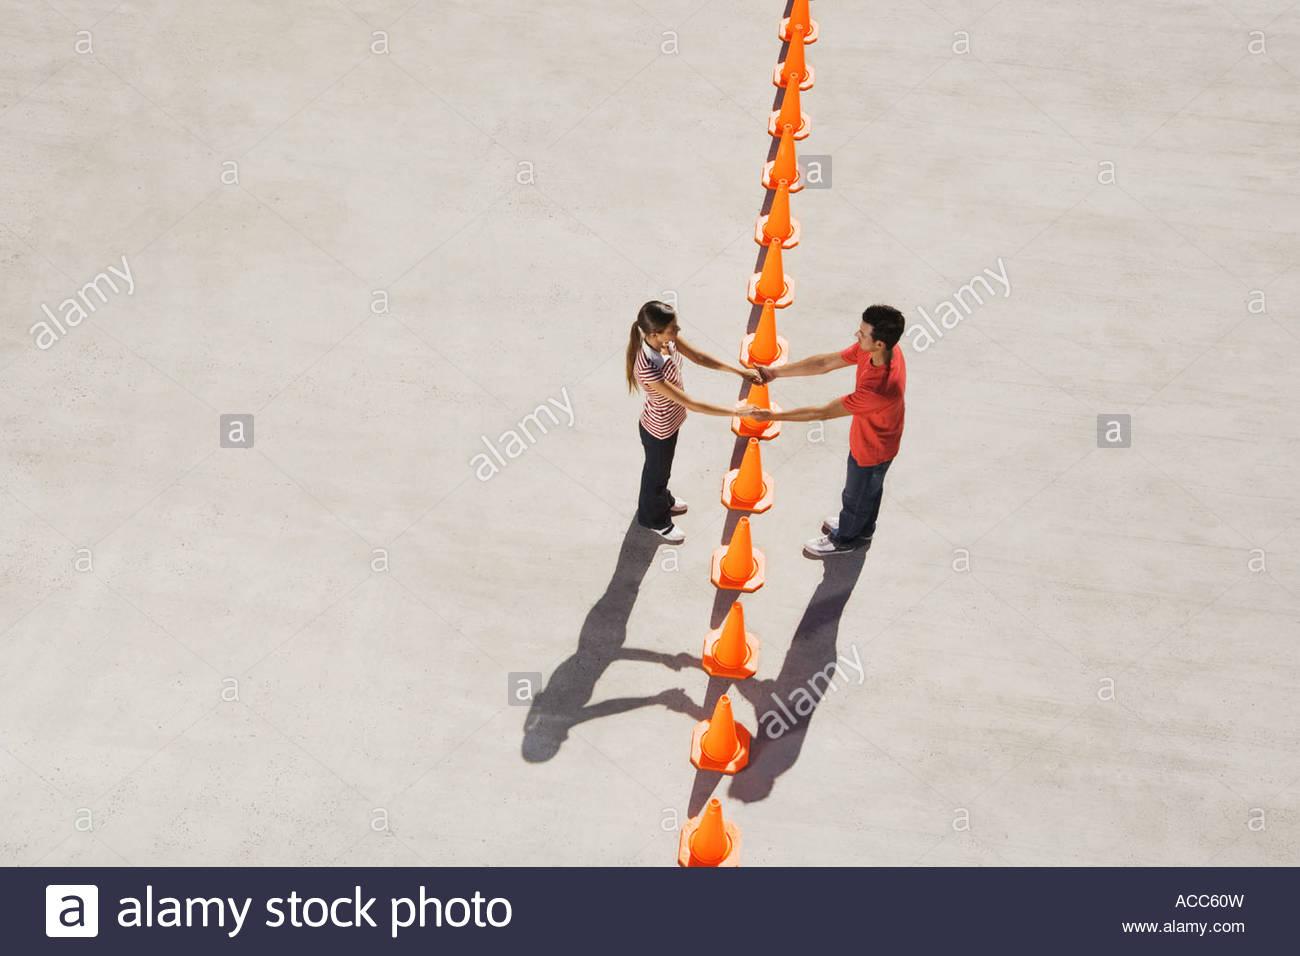 Mann und Frau, die Hand in Hand über Reihe der Leitkegel Stockbild